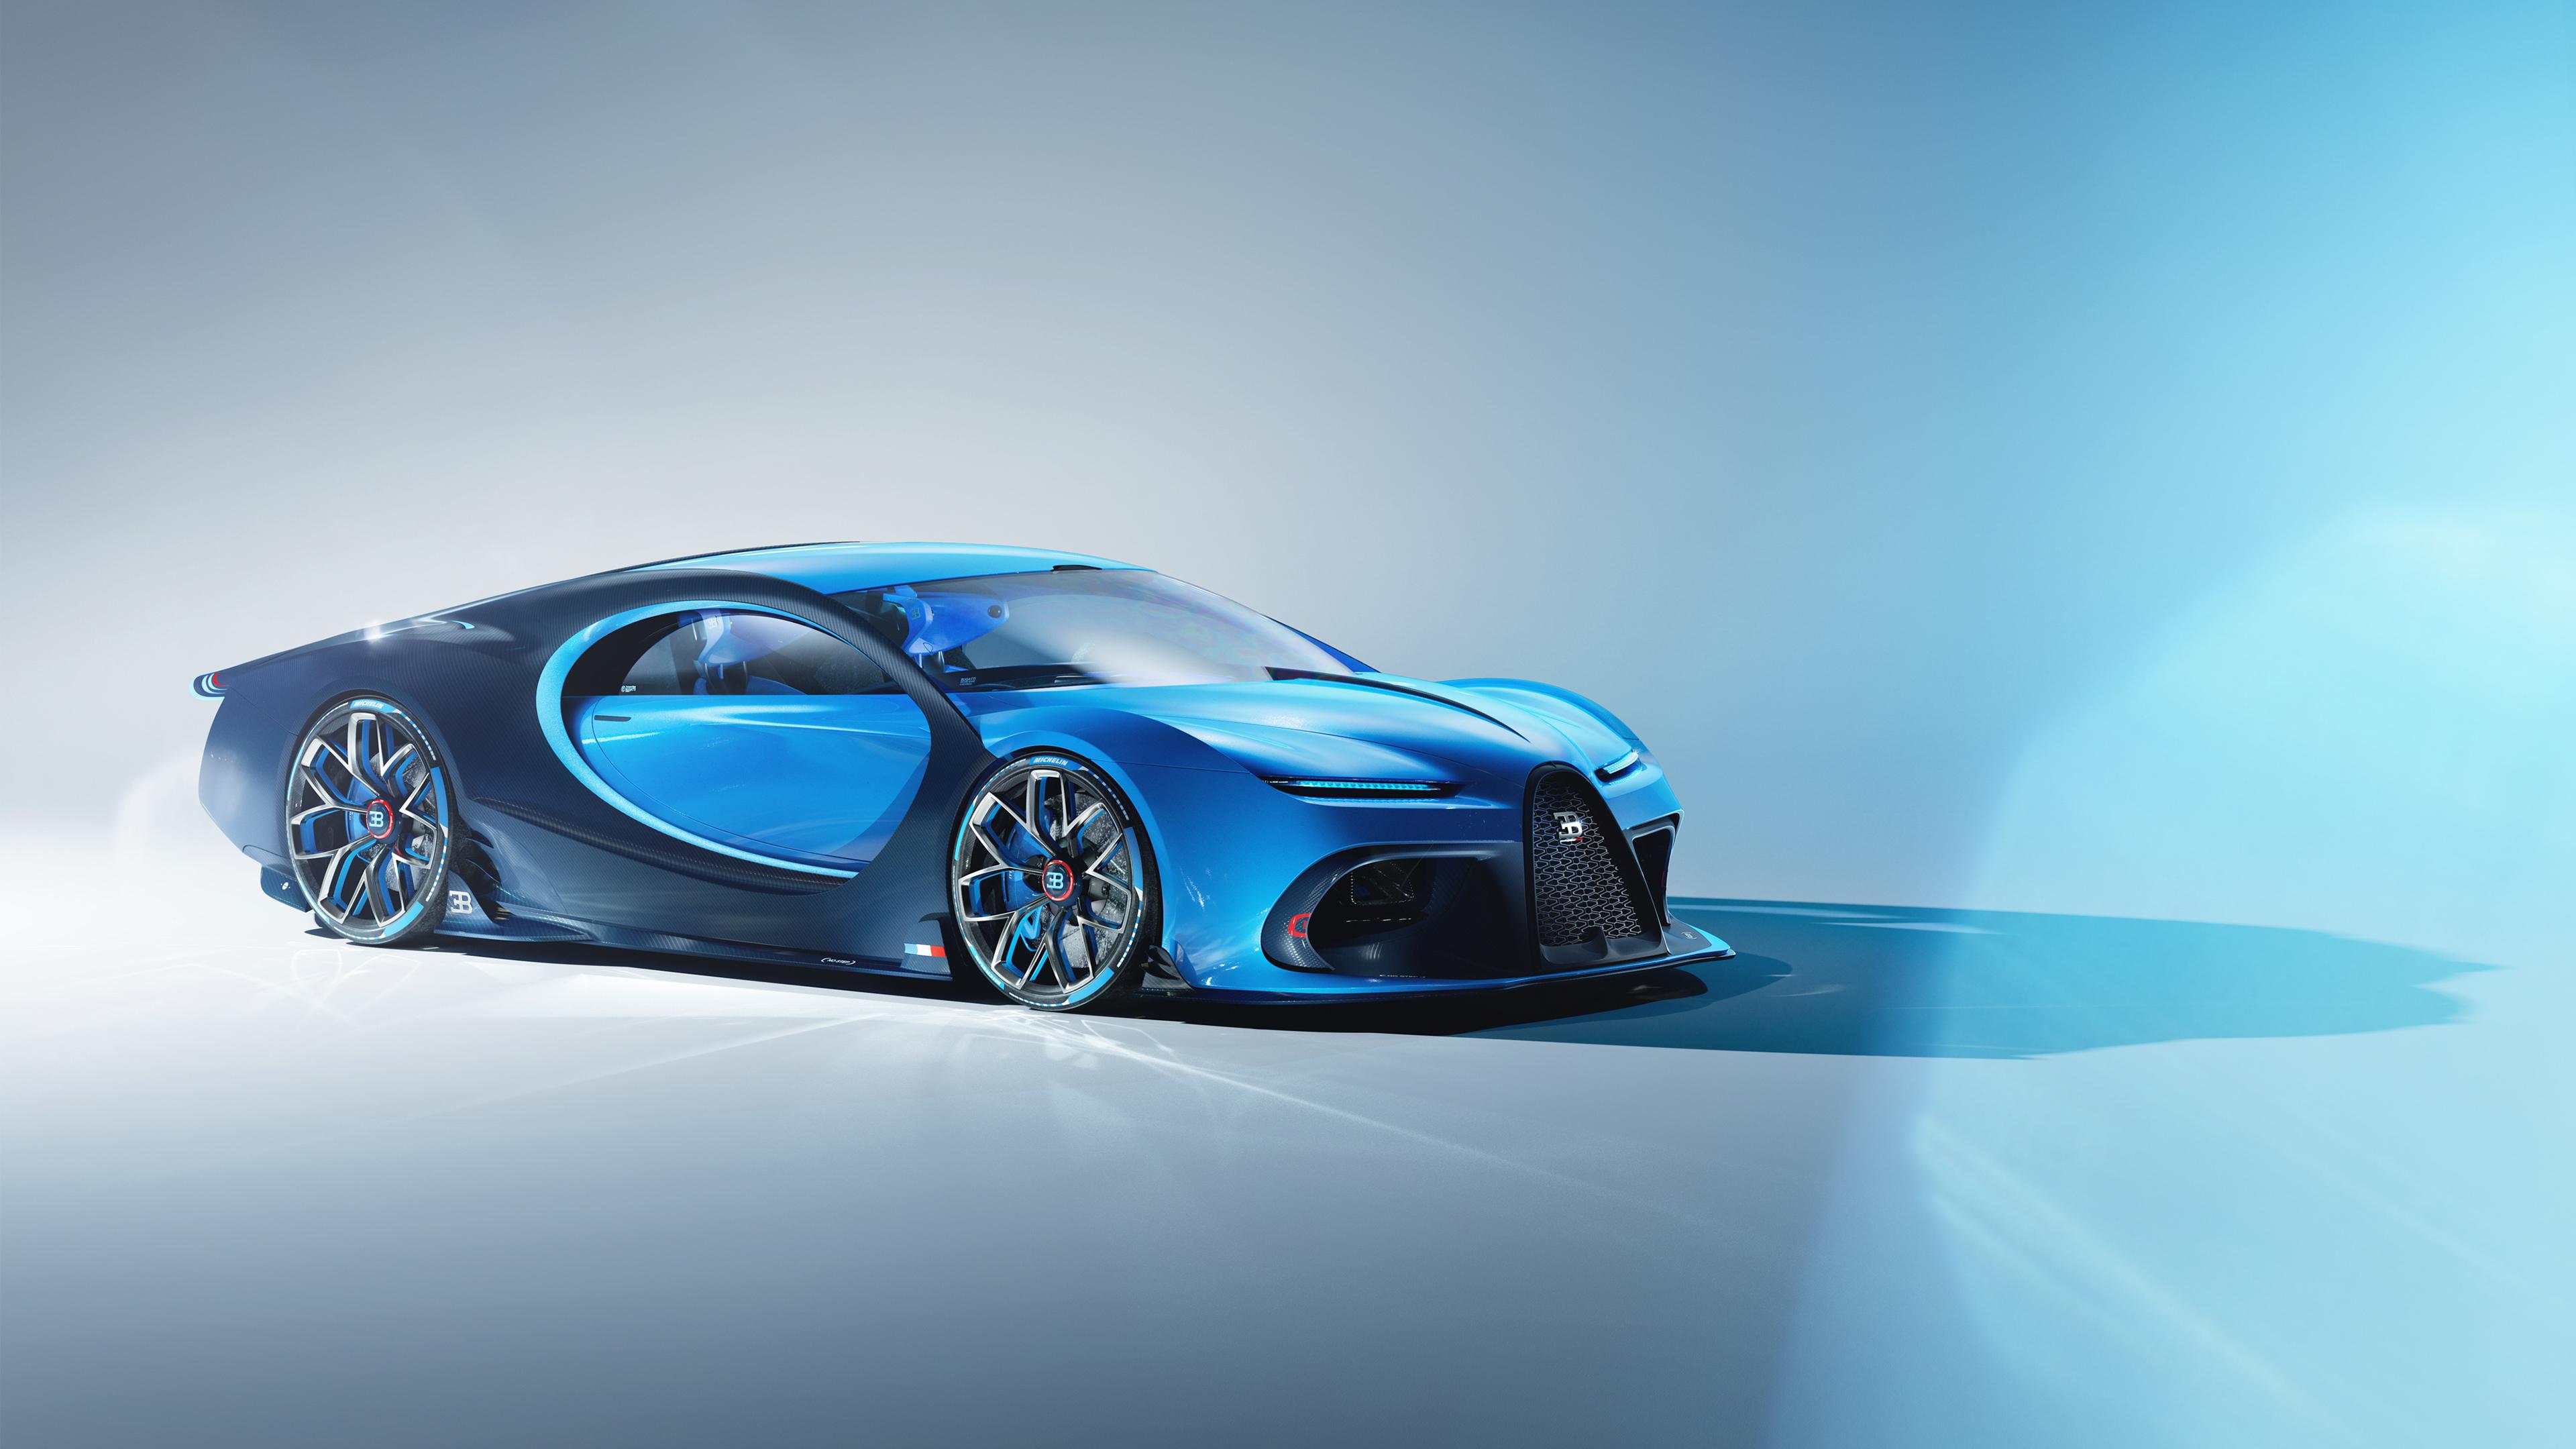 new bugatti 4k 2019 1560534379 - New Bugatti 4k 2019 - hd-wallpapers, cars wallpapers, bugatti wallpapers, behance wallpapers, 4k-wallpapers